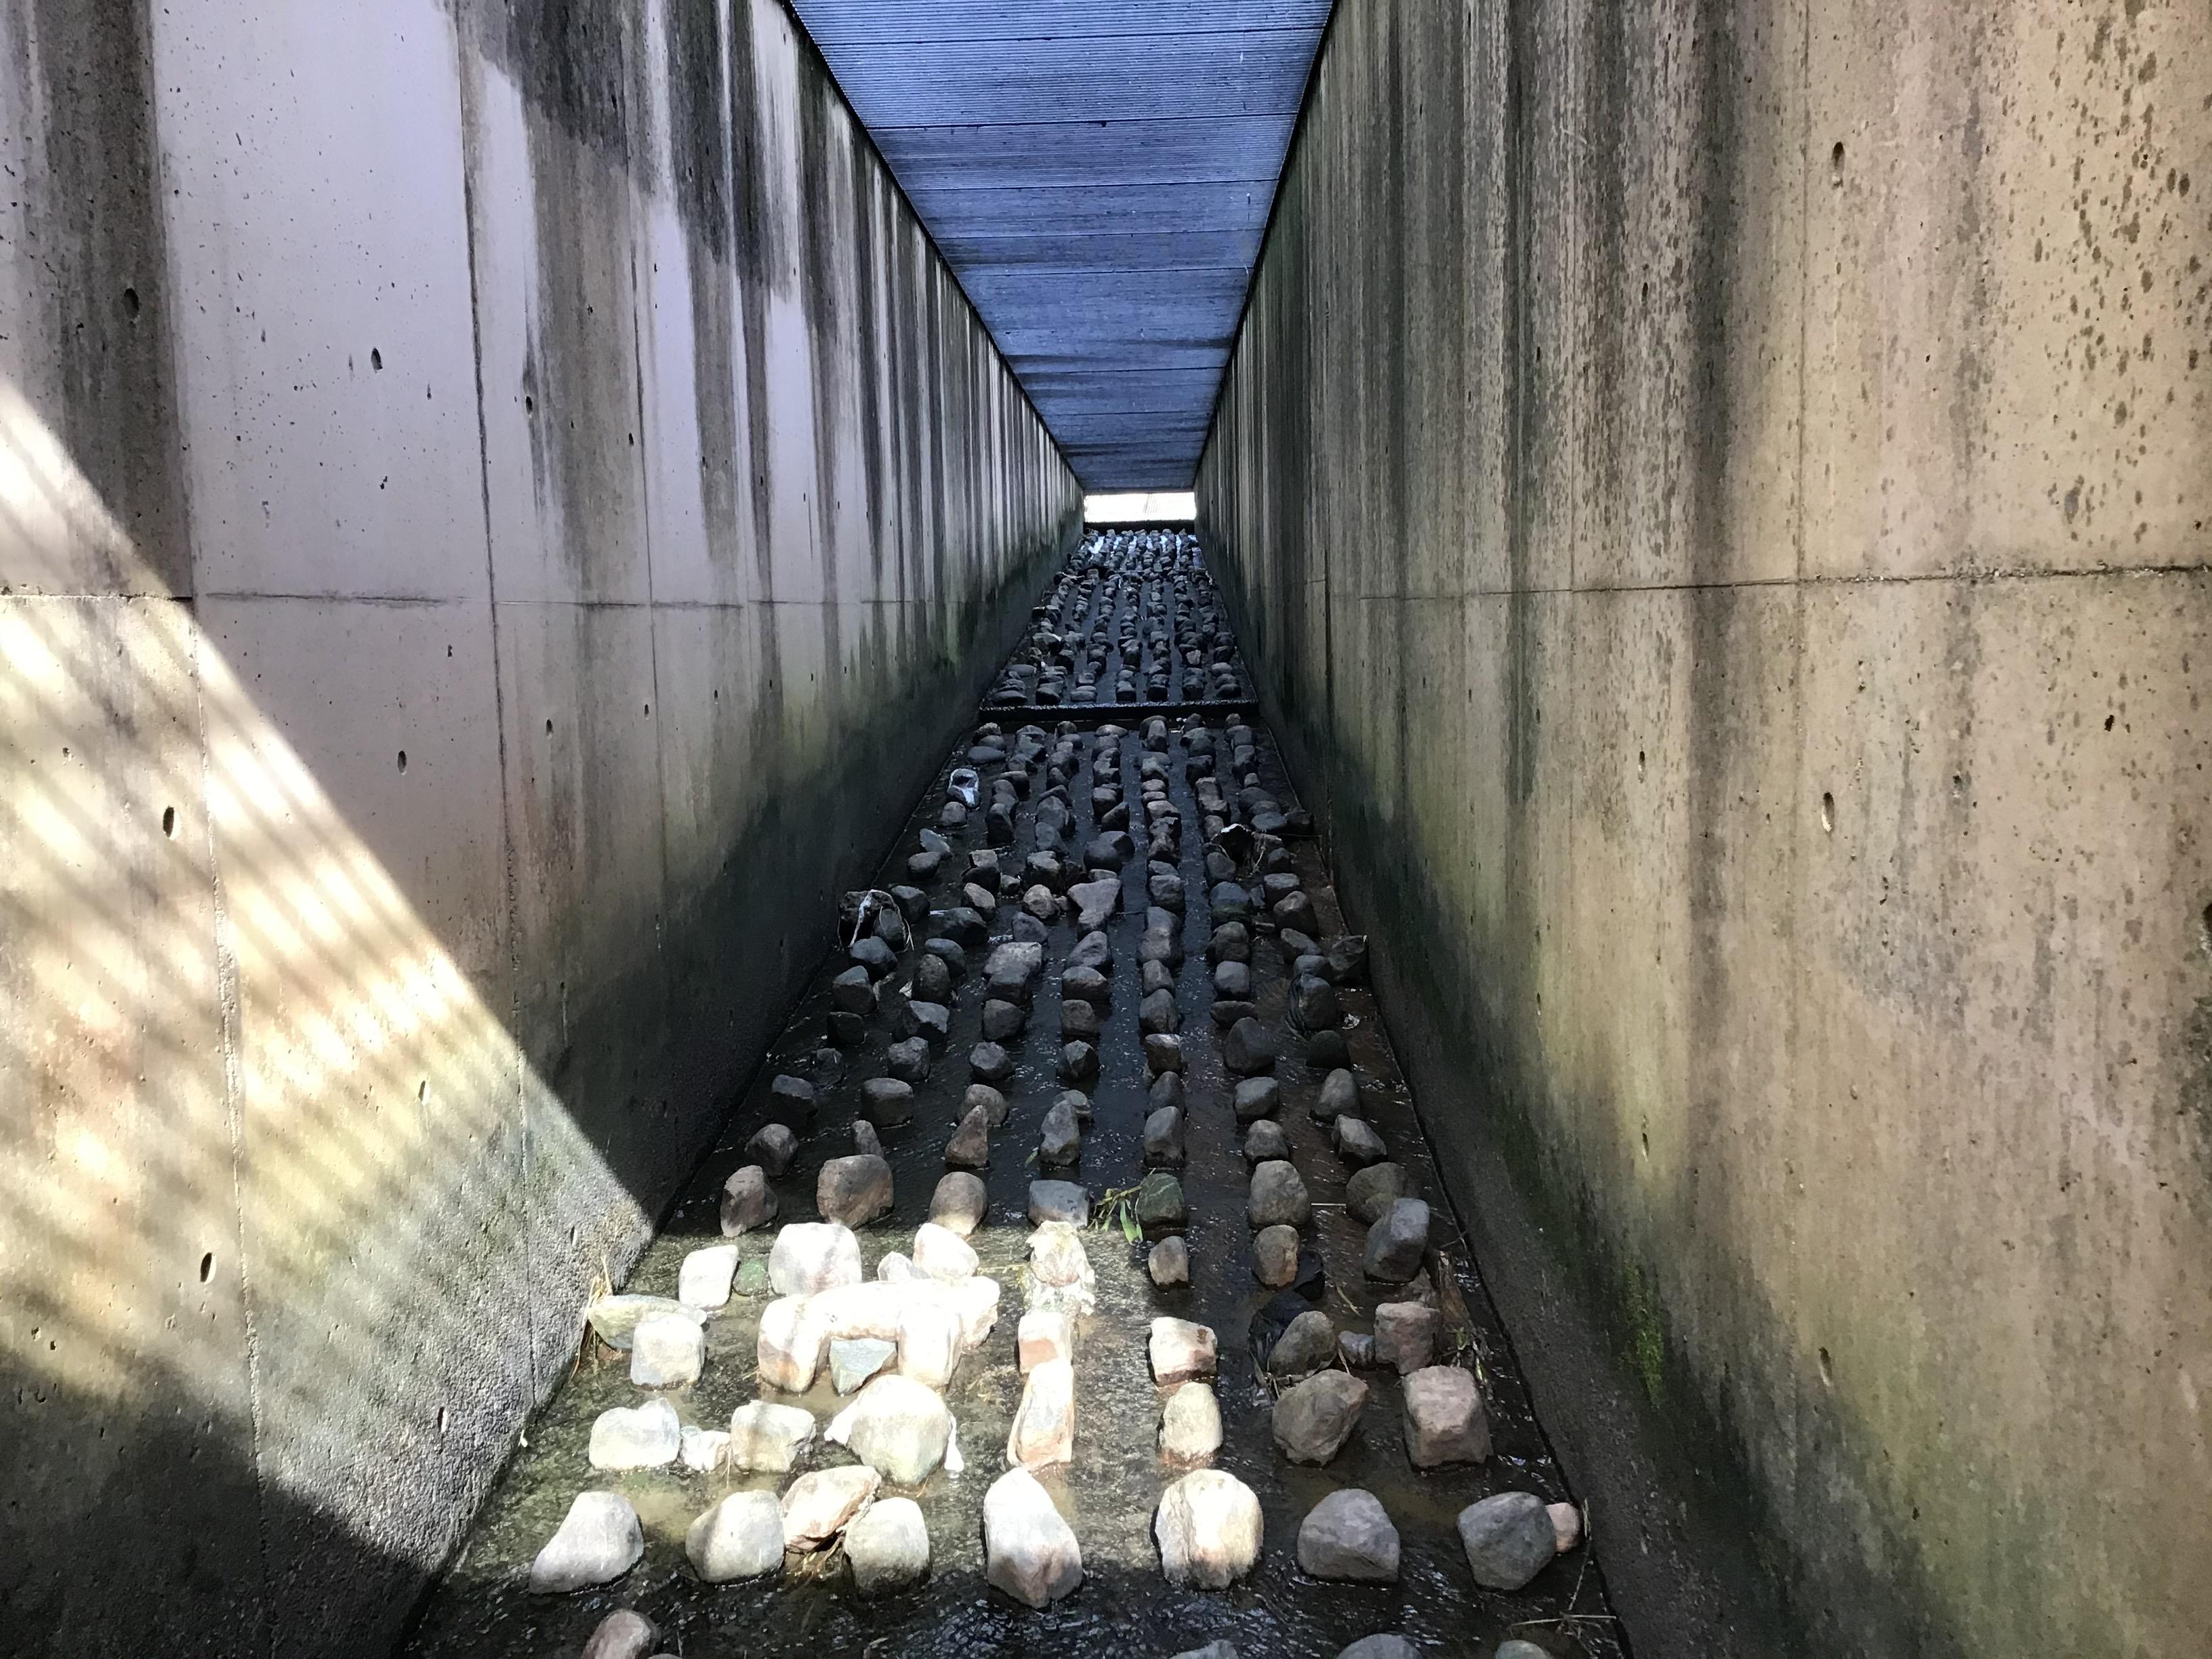 (参考)転倒井堰上流に向かって右側の魚道(勝手に決めつけてます。)天井はグレーチング(雨水桝の大きな蓋)で明るいです。